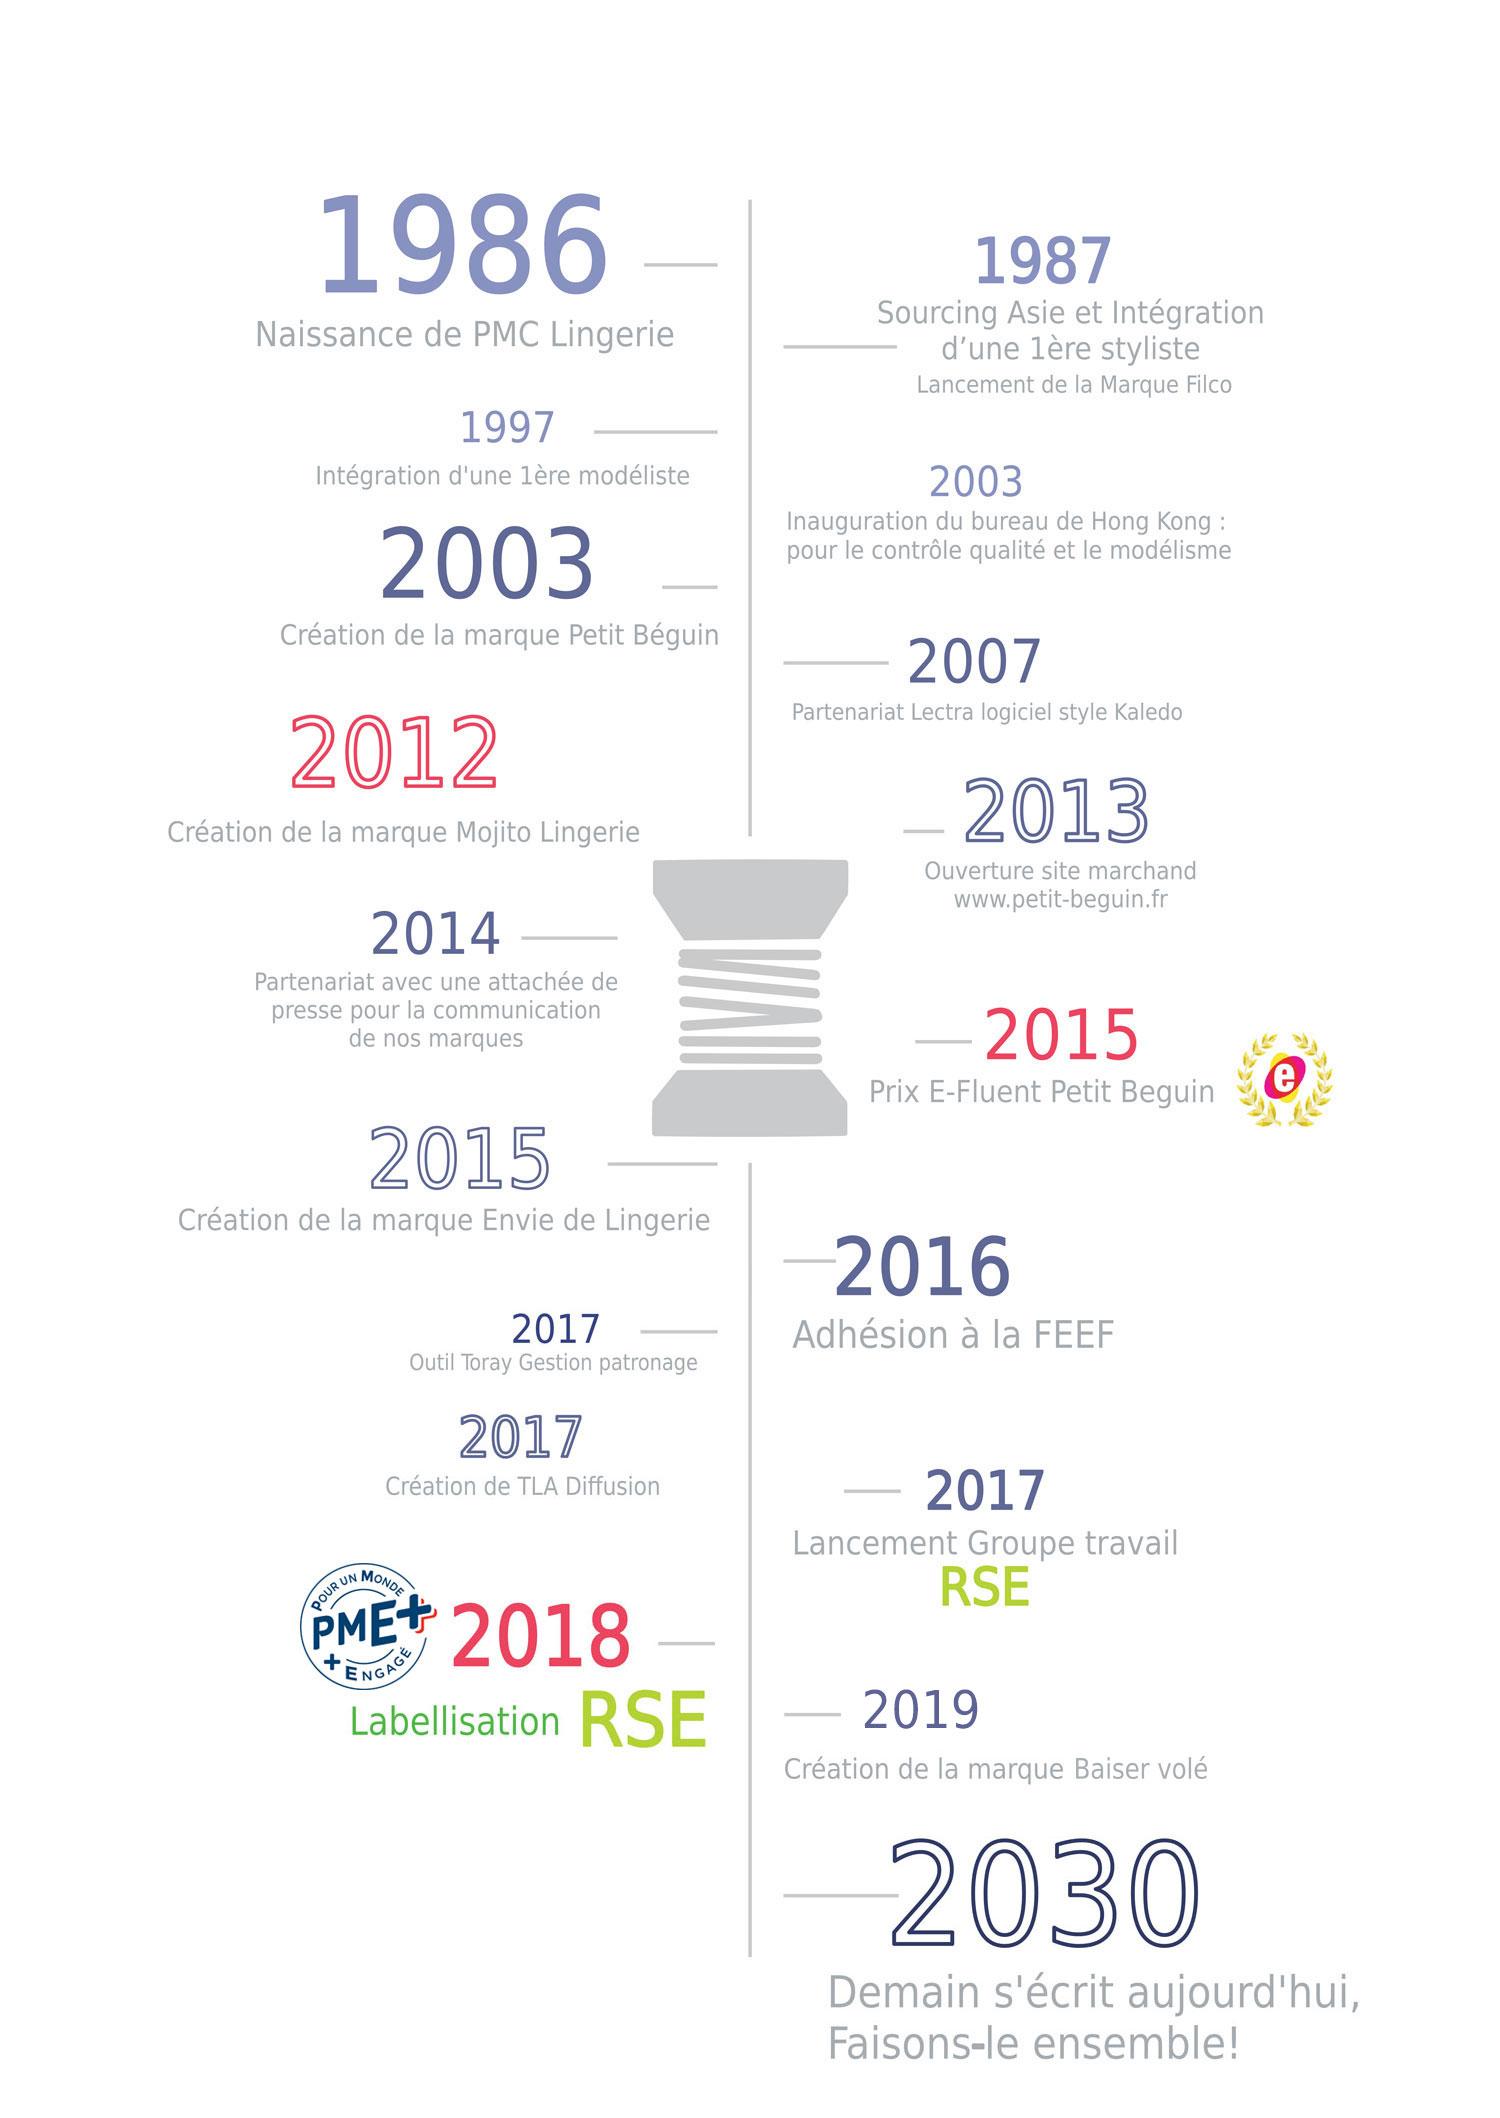 Les-chiffres-clés-PMC-Lingerie-2019